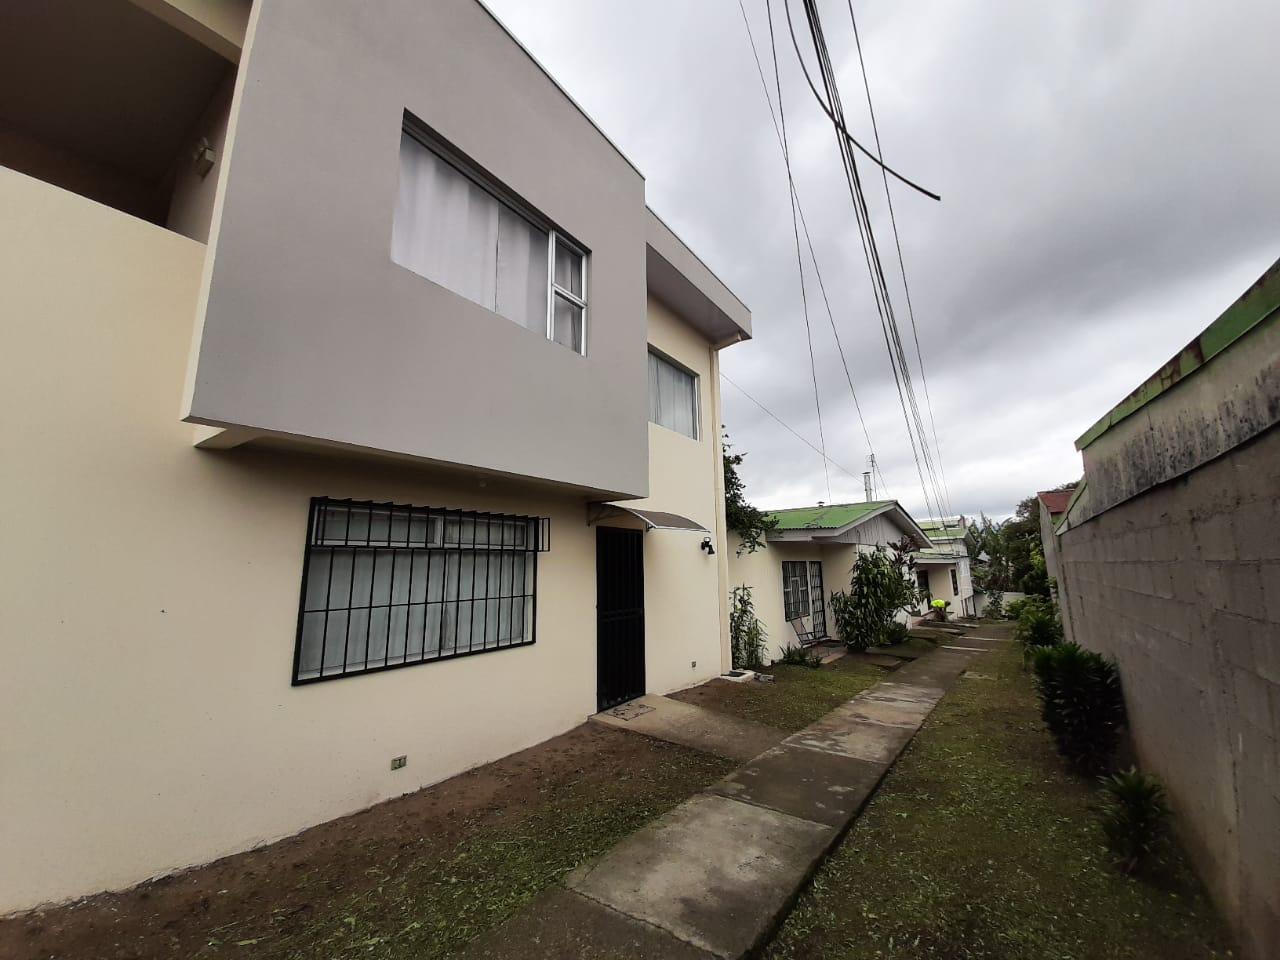 780 Se vende propiedad con 9 apartamentos en Guadalupe